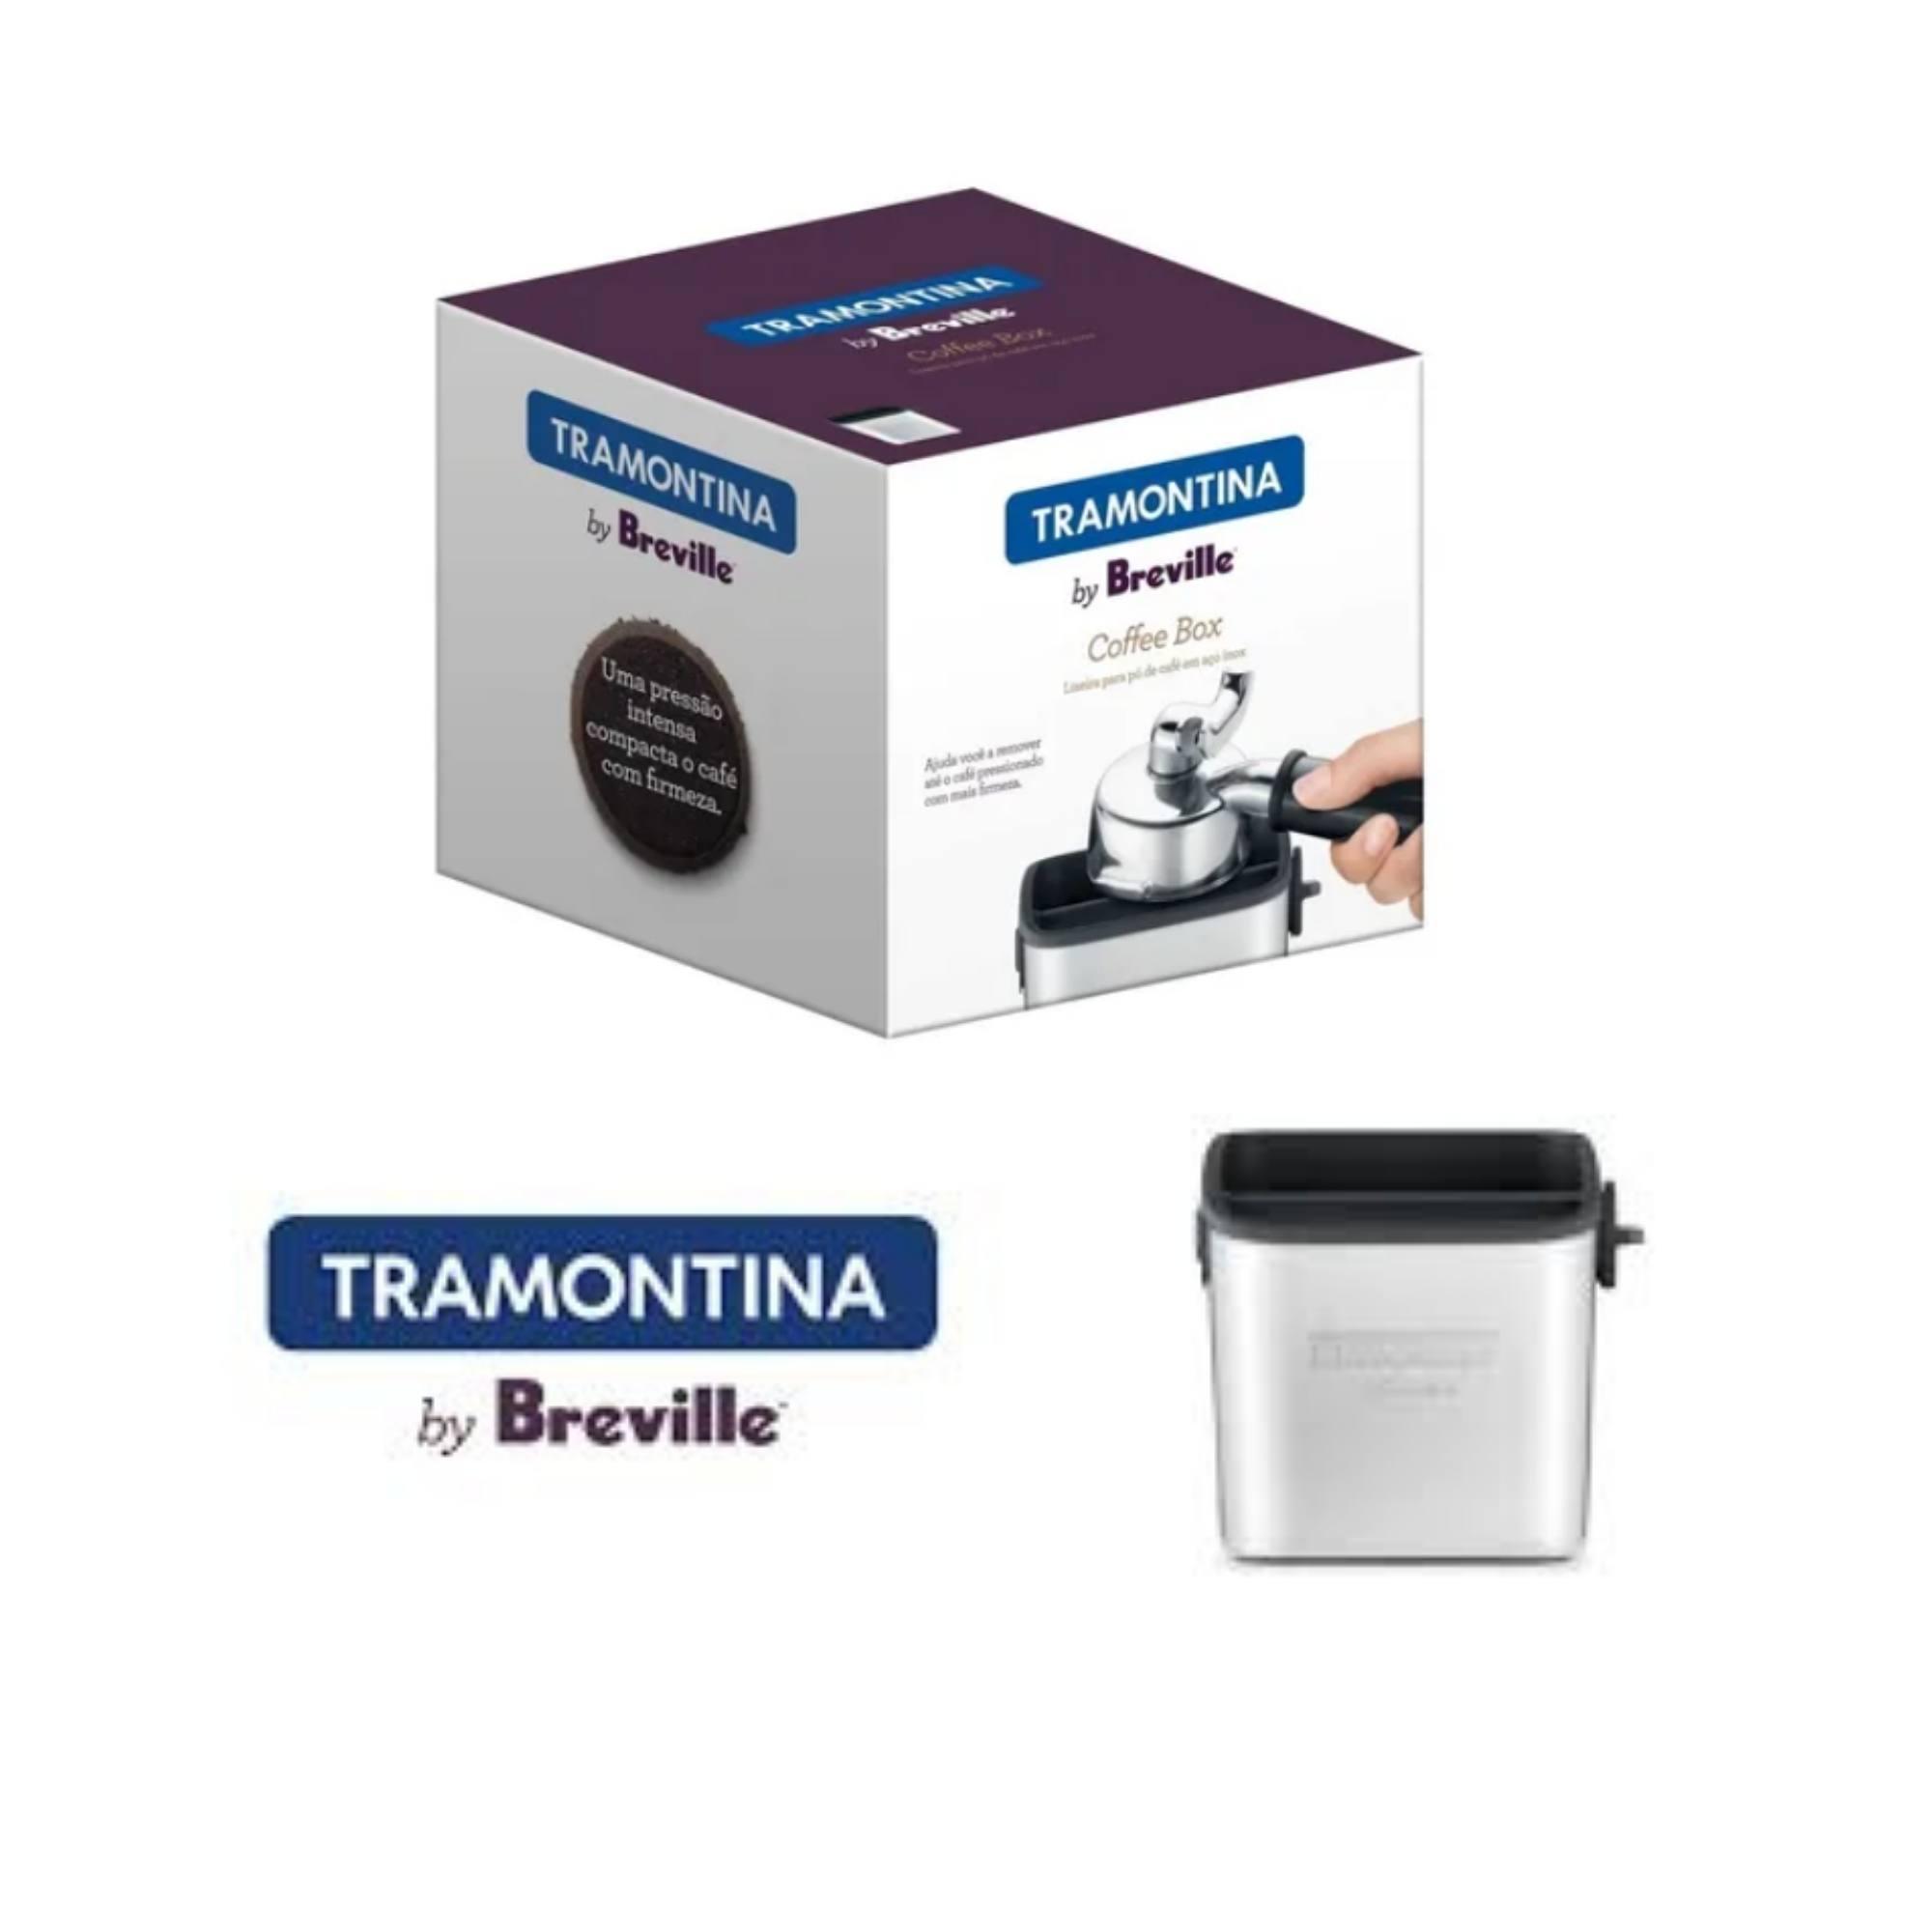 Coletor De Borra Café Tramontina By Breville Aço Inox 0,5 L  - Sua Casa Gourmet e Cia